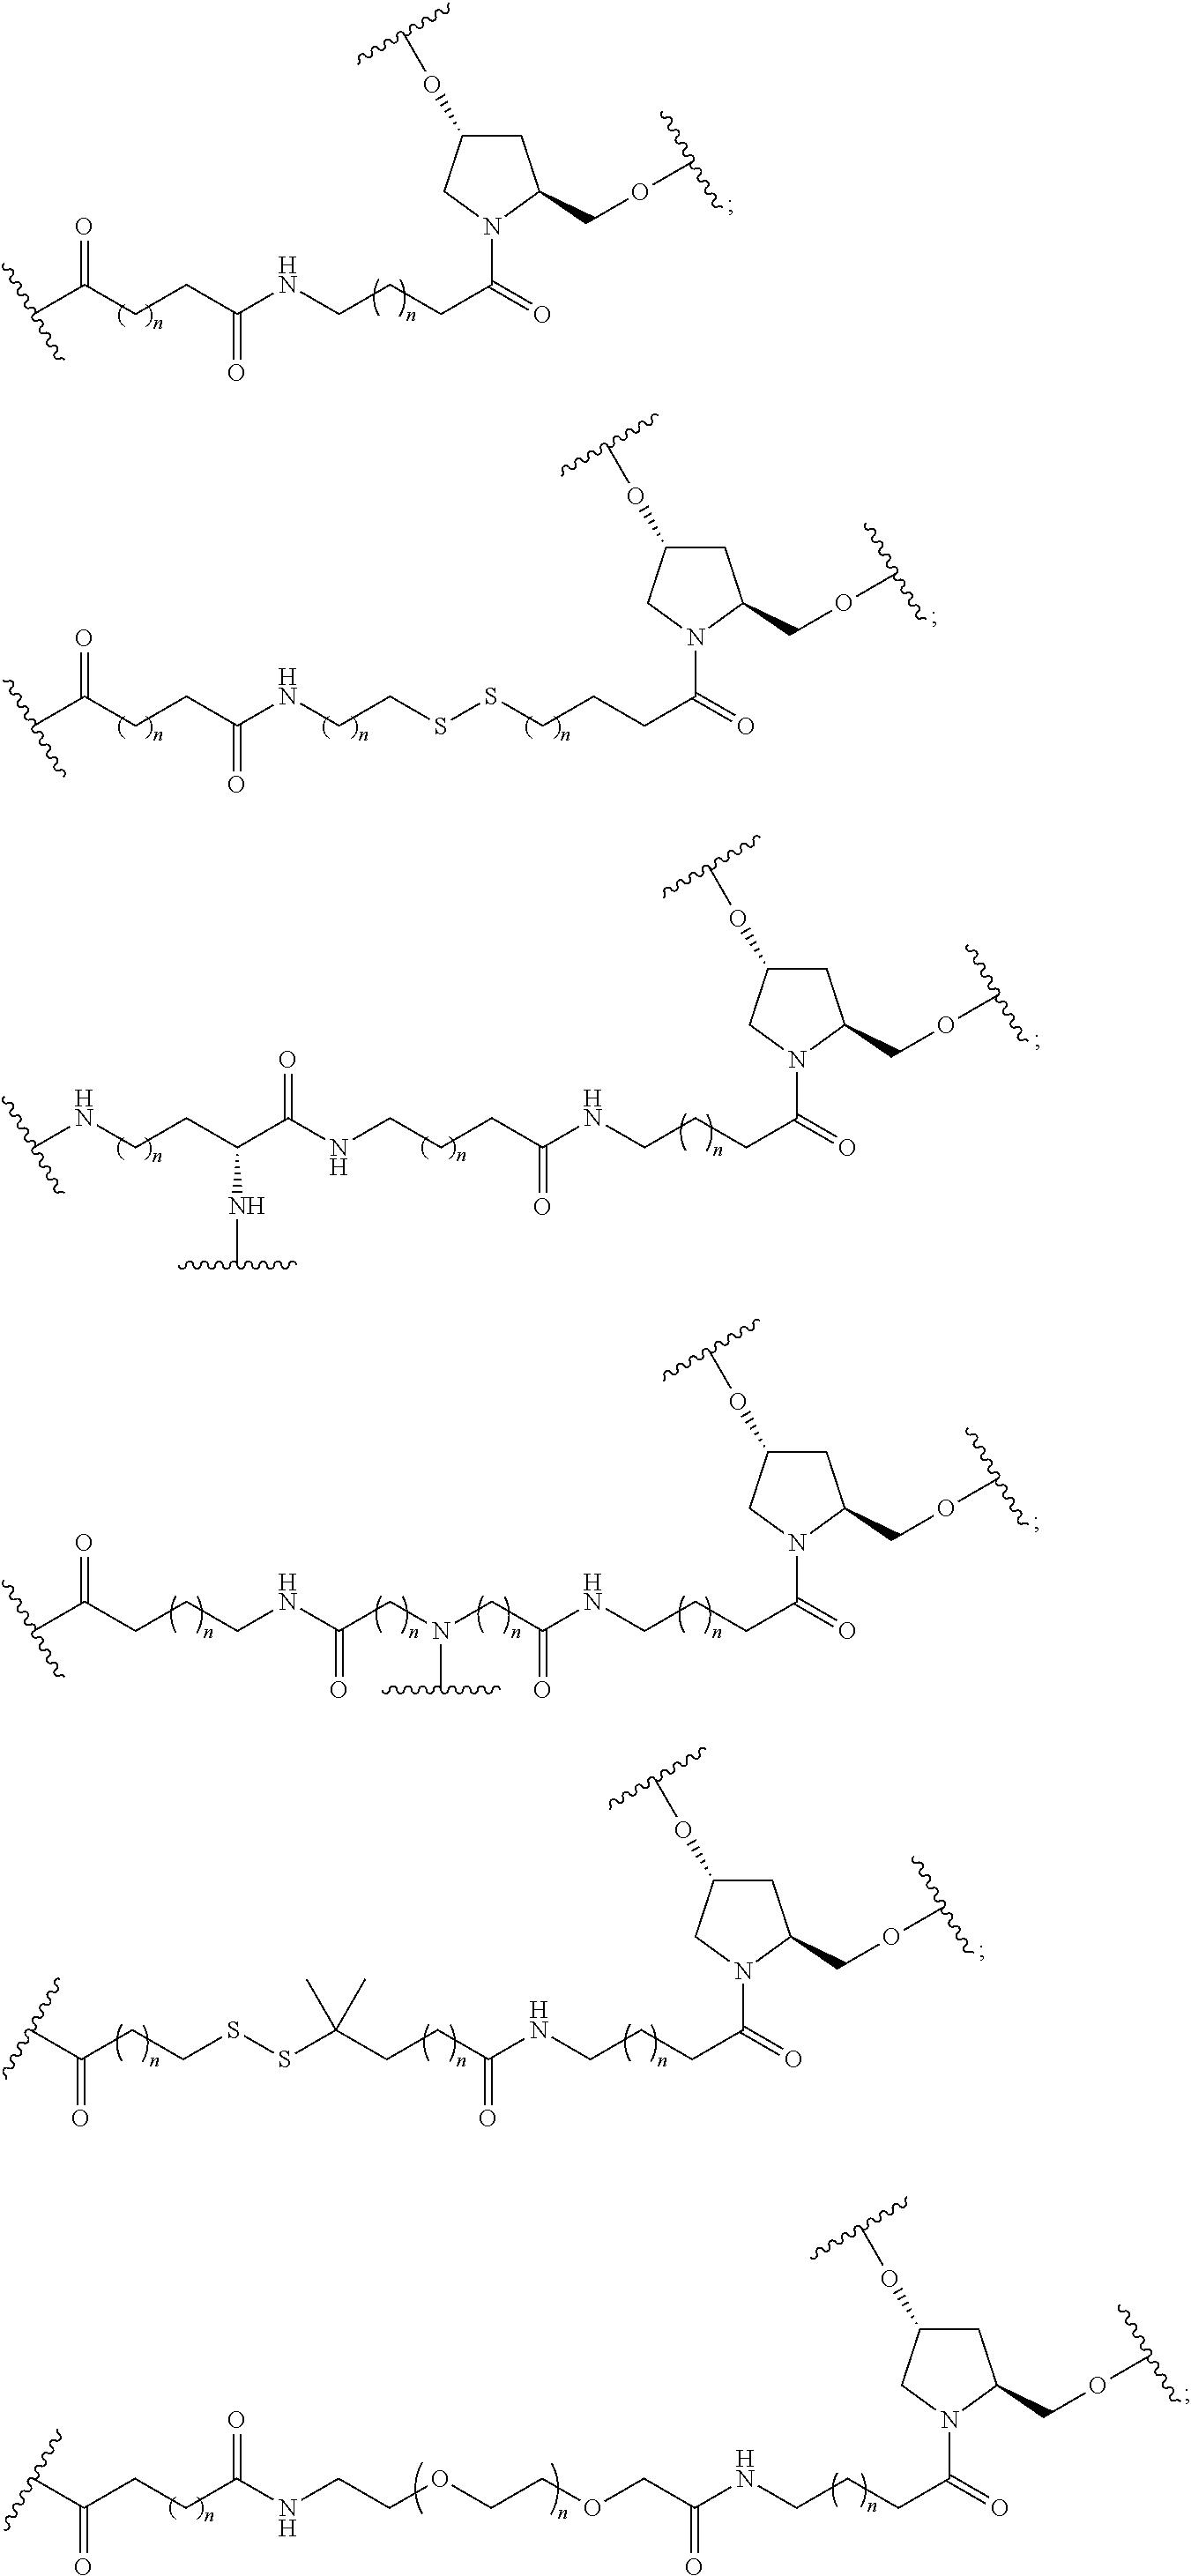 Figure US09932580-20180403-C00020